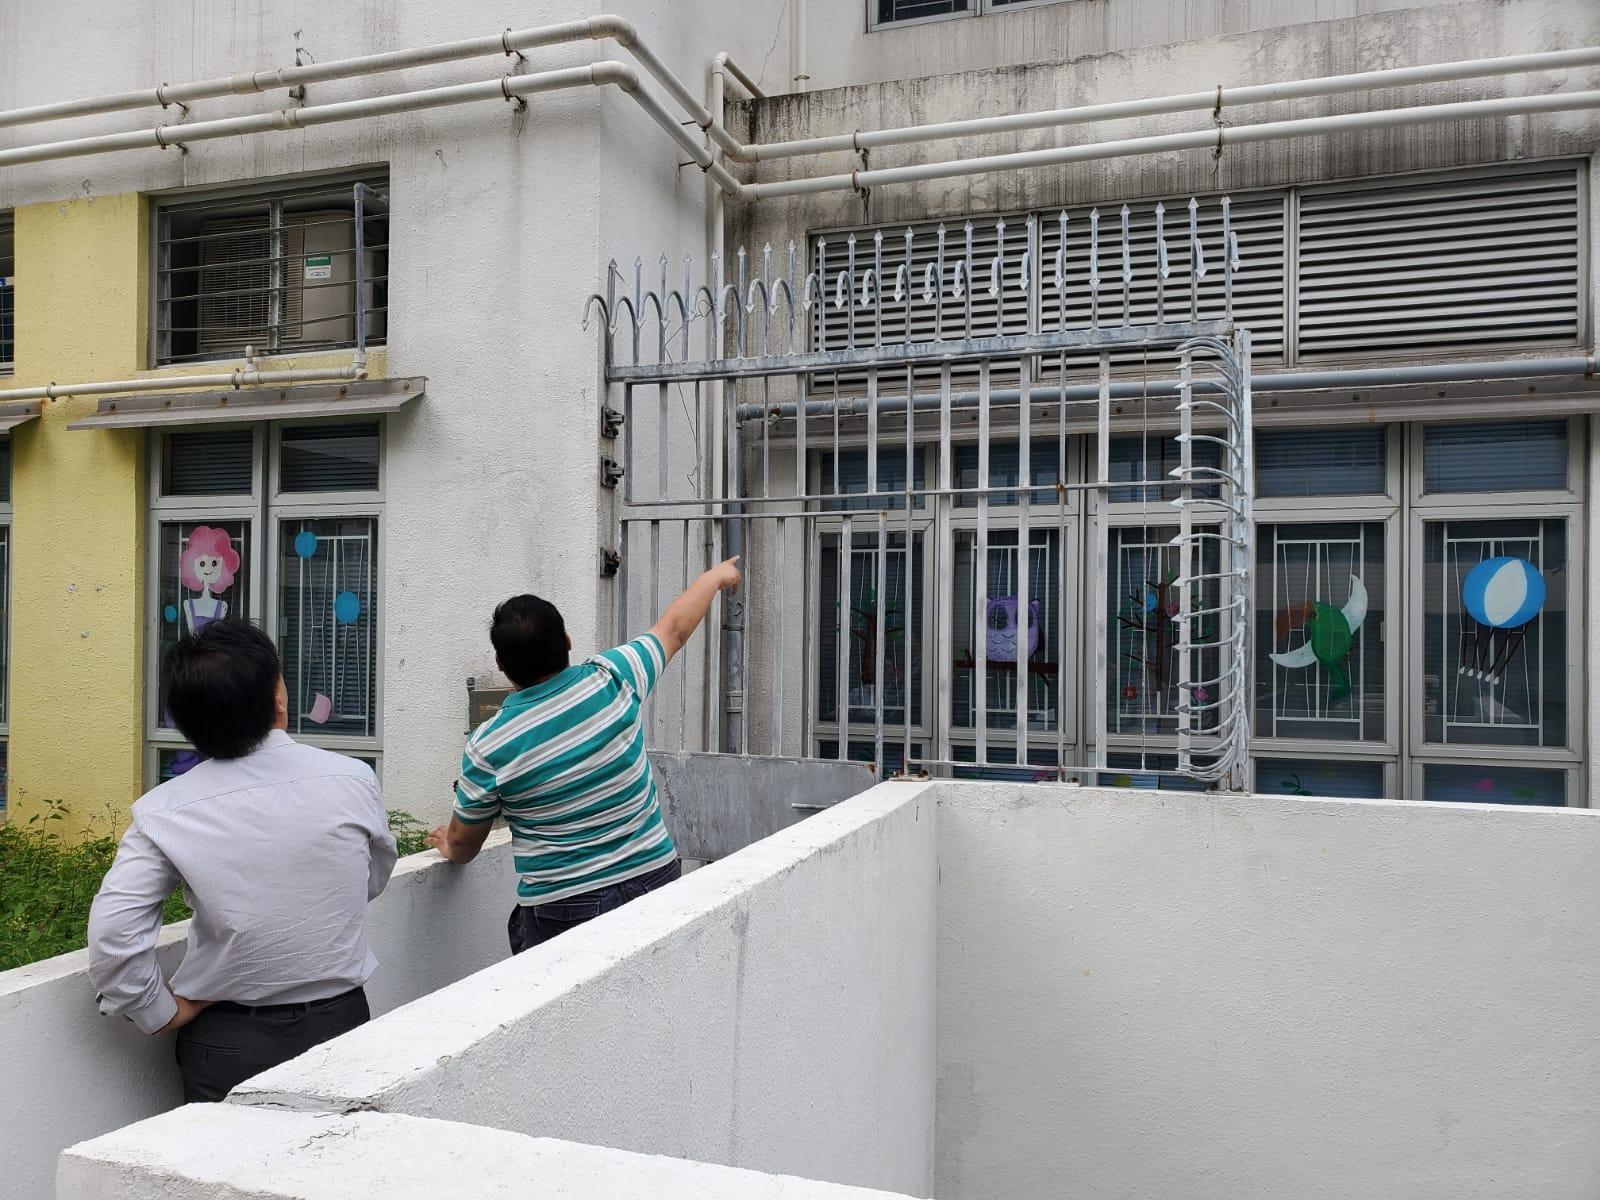 賊人疑撬窗戶潛入學校犯案。 梁國峰攝